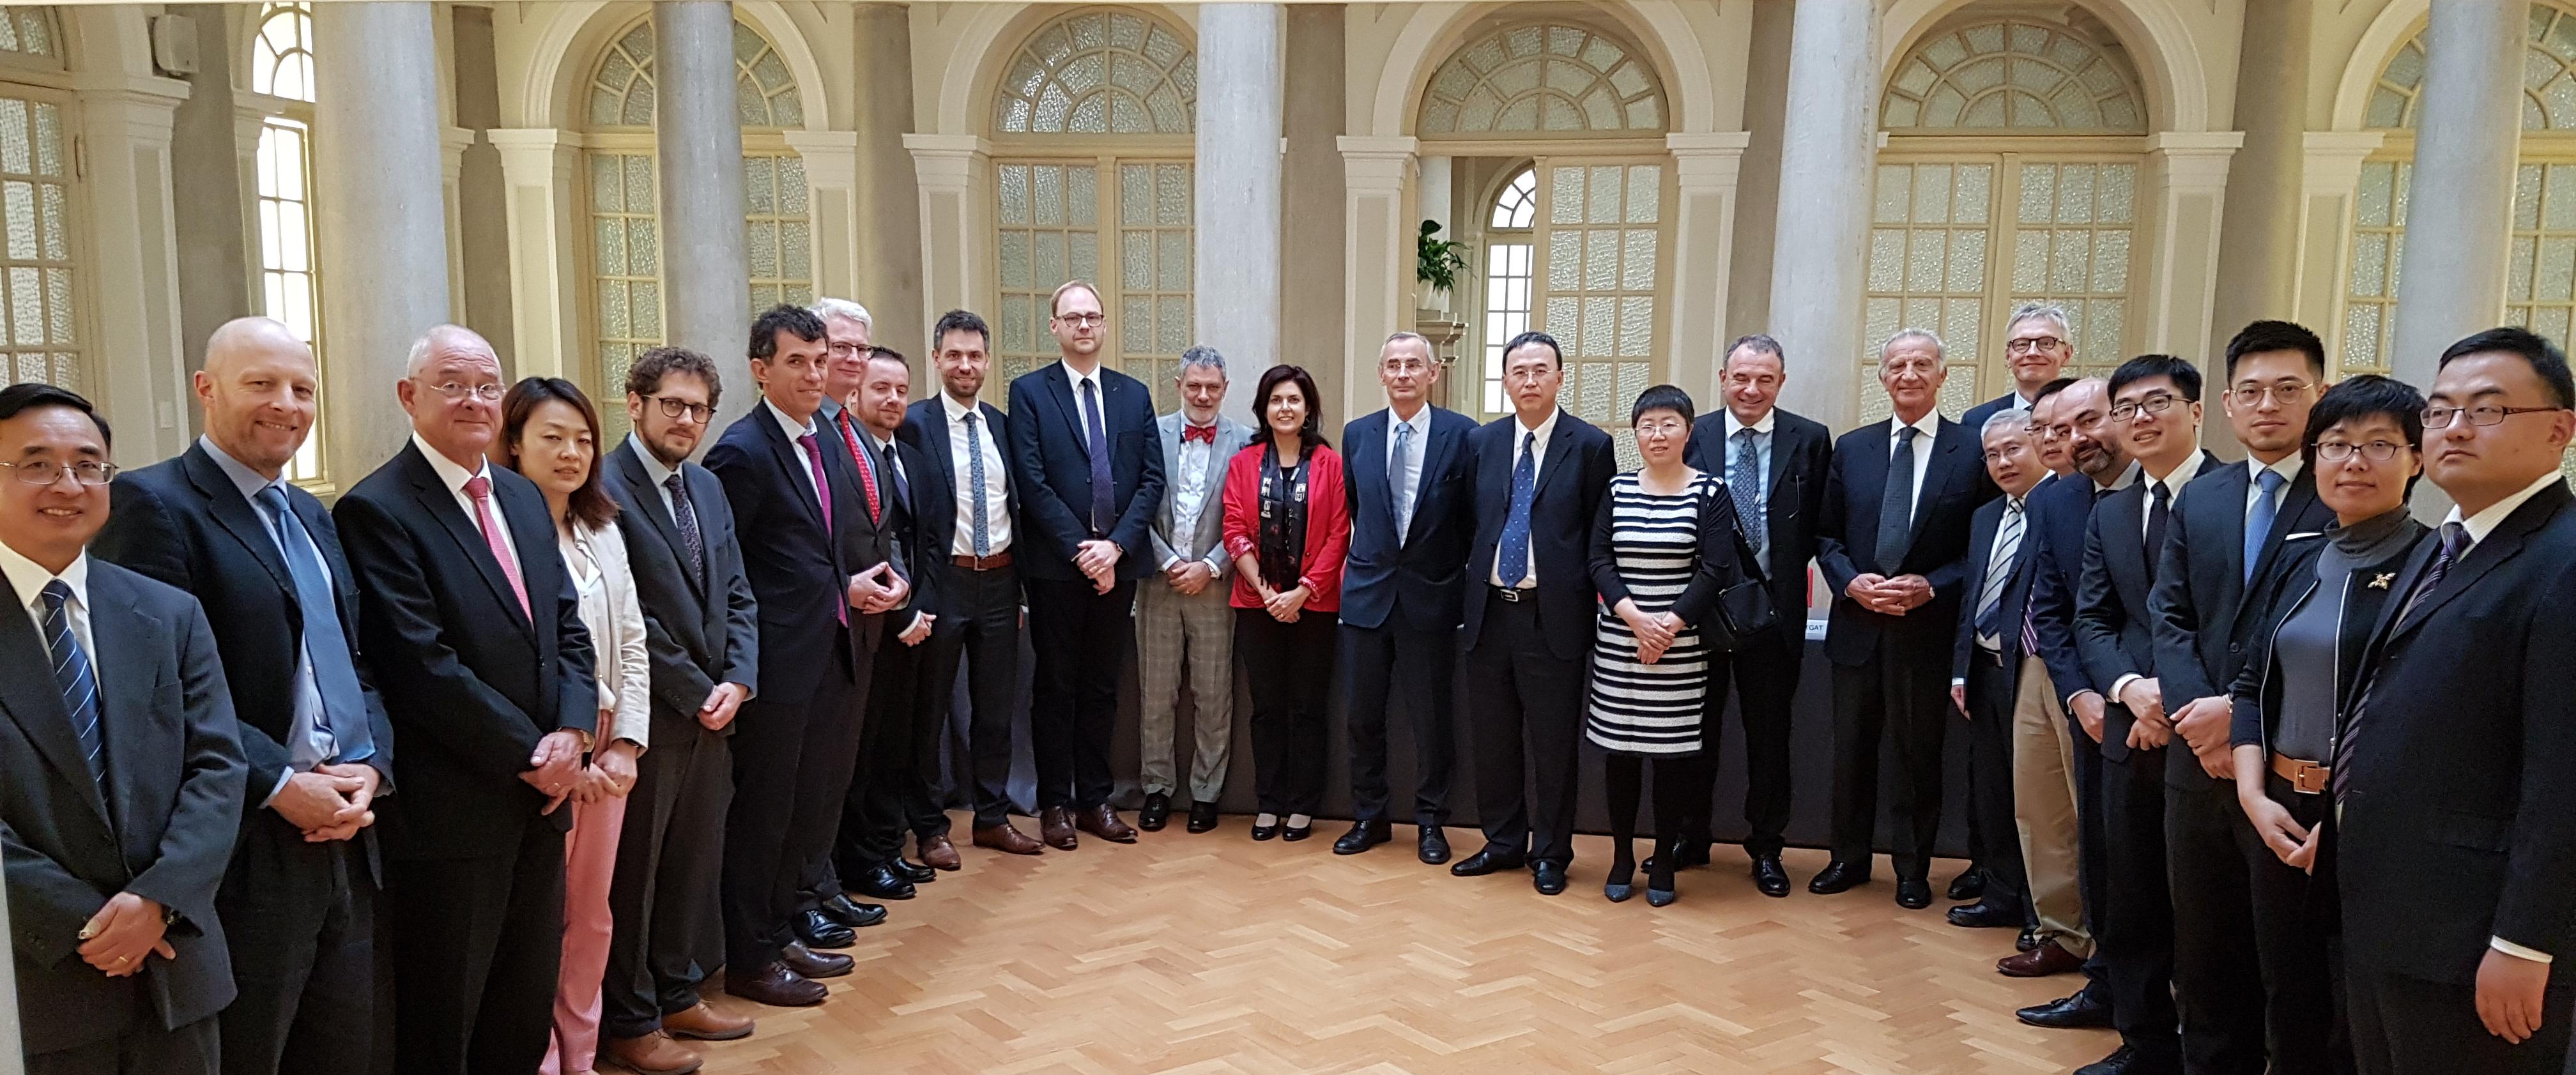 Danske Maritime deltager ved europæisk kinesisk dialogmøde